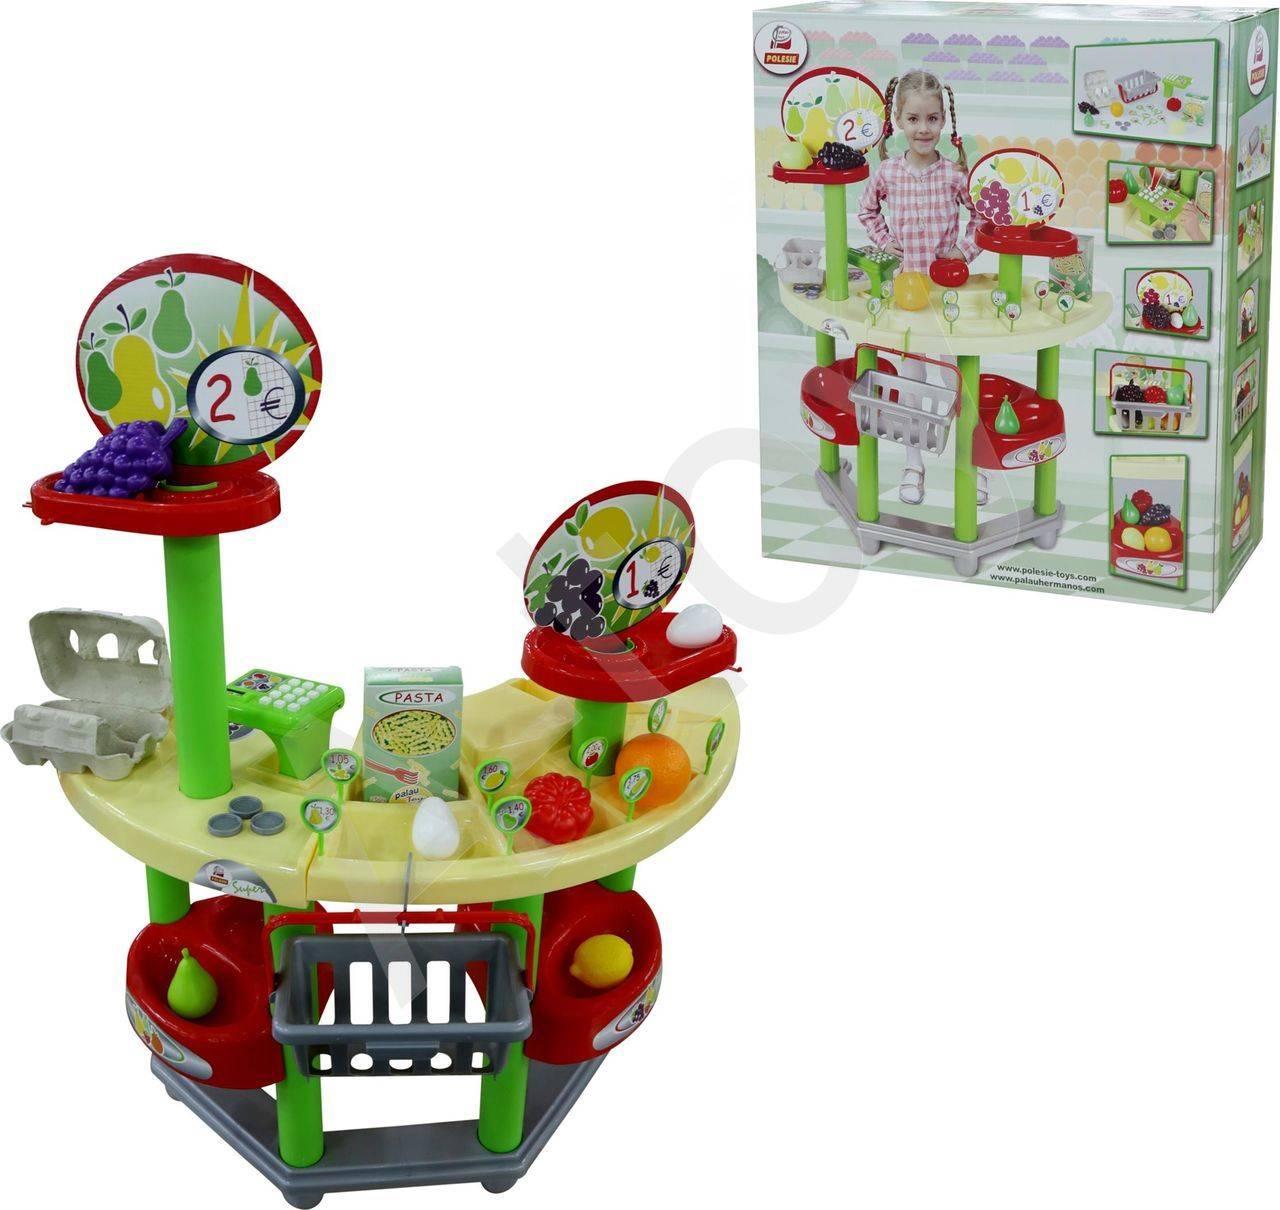 Европейская Игрушка Интернет Магазин Детских Игрушек